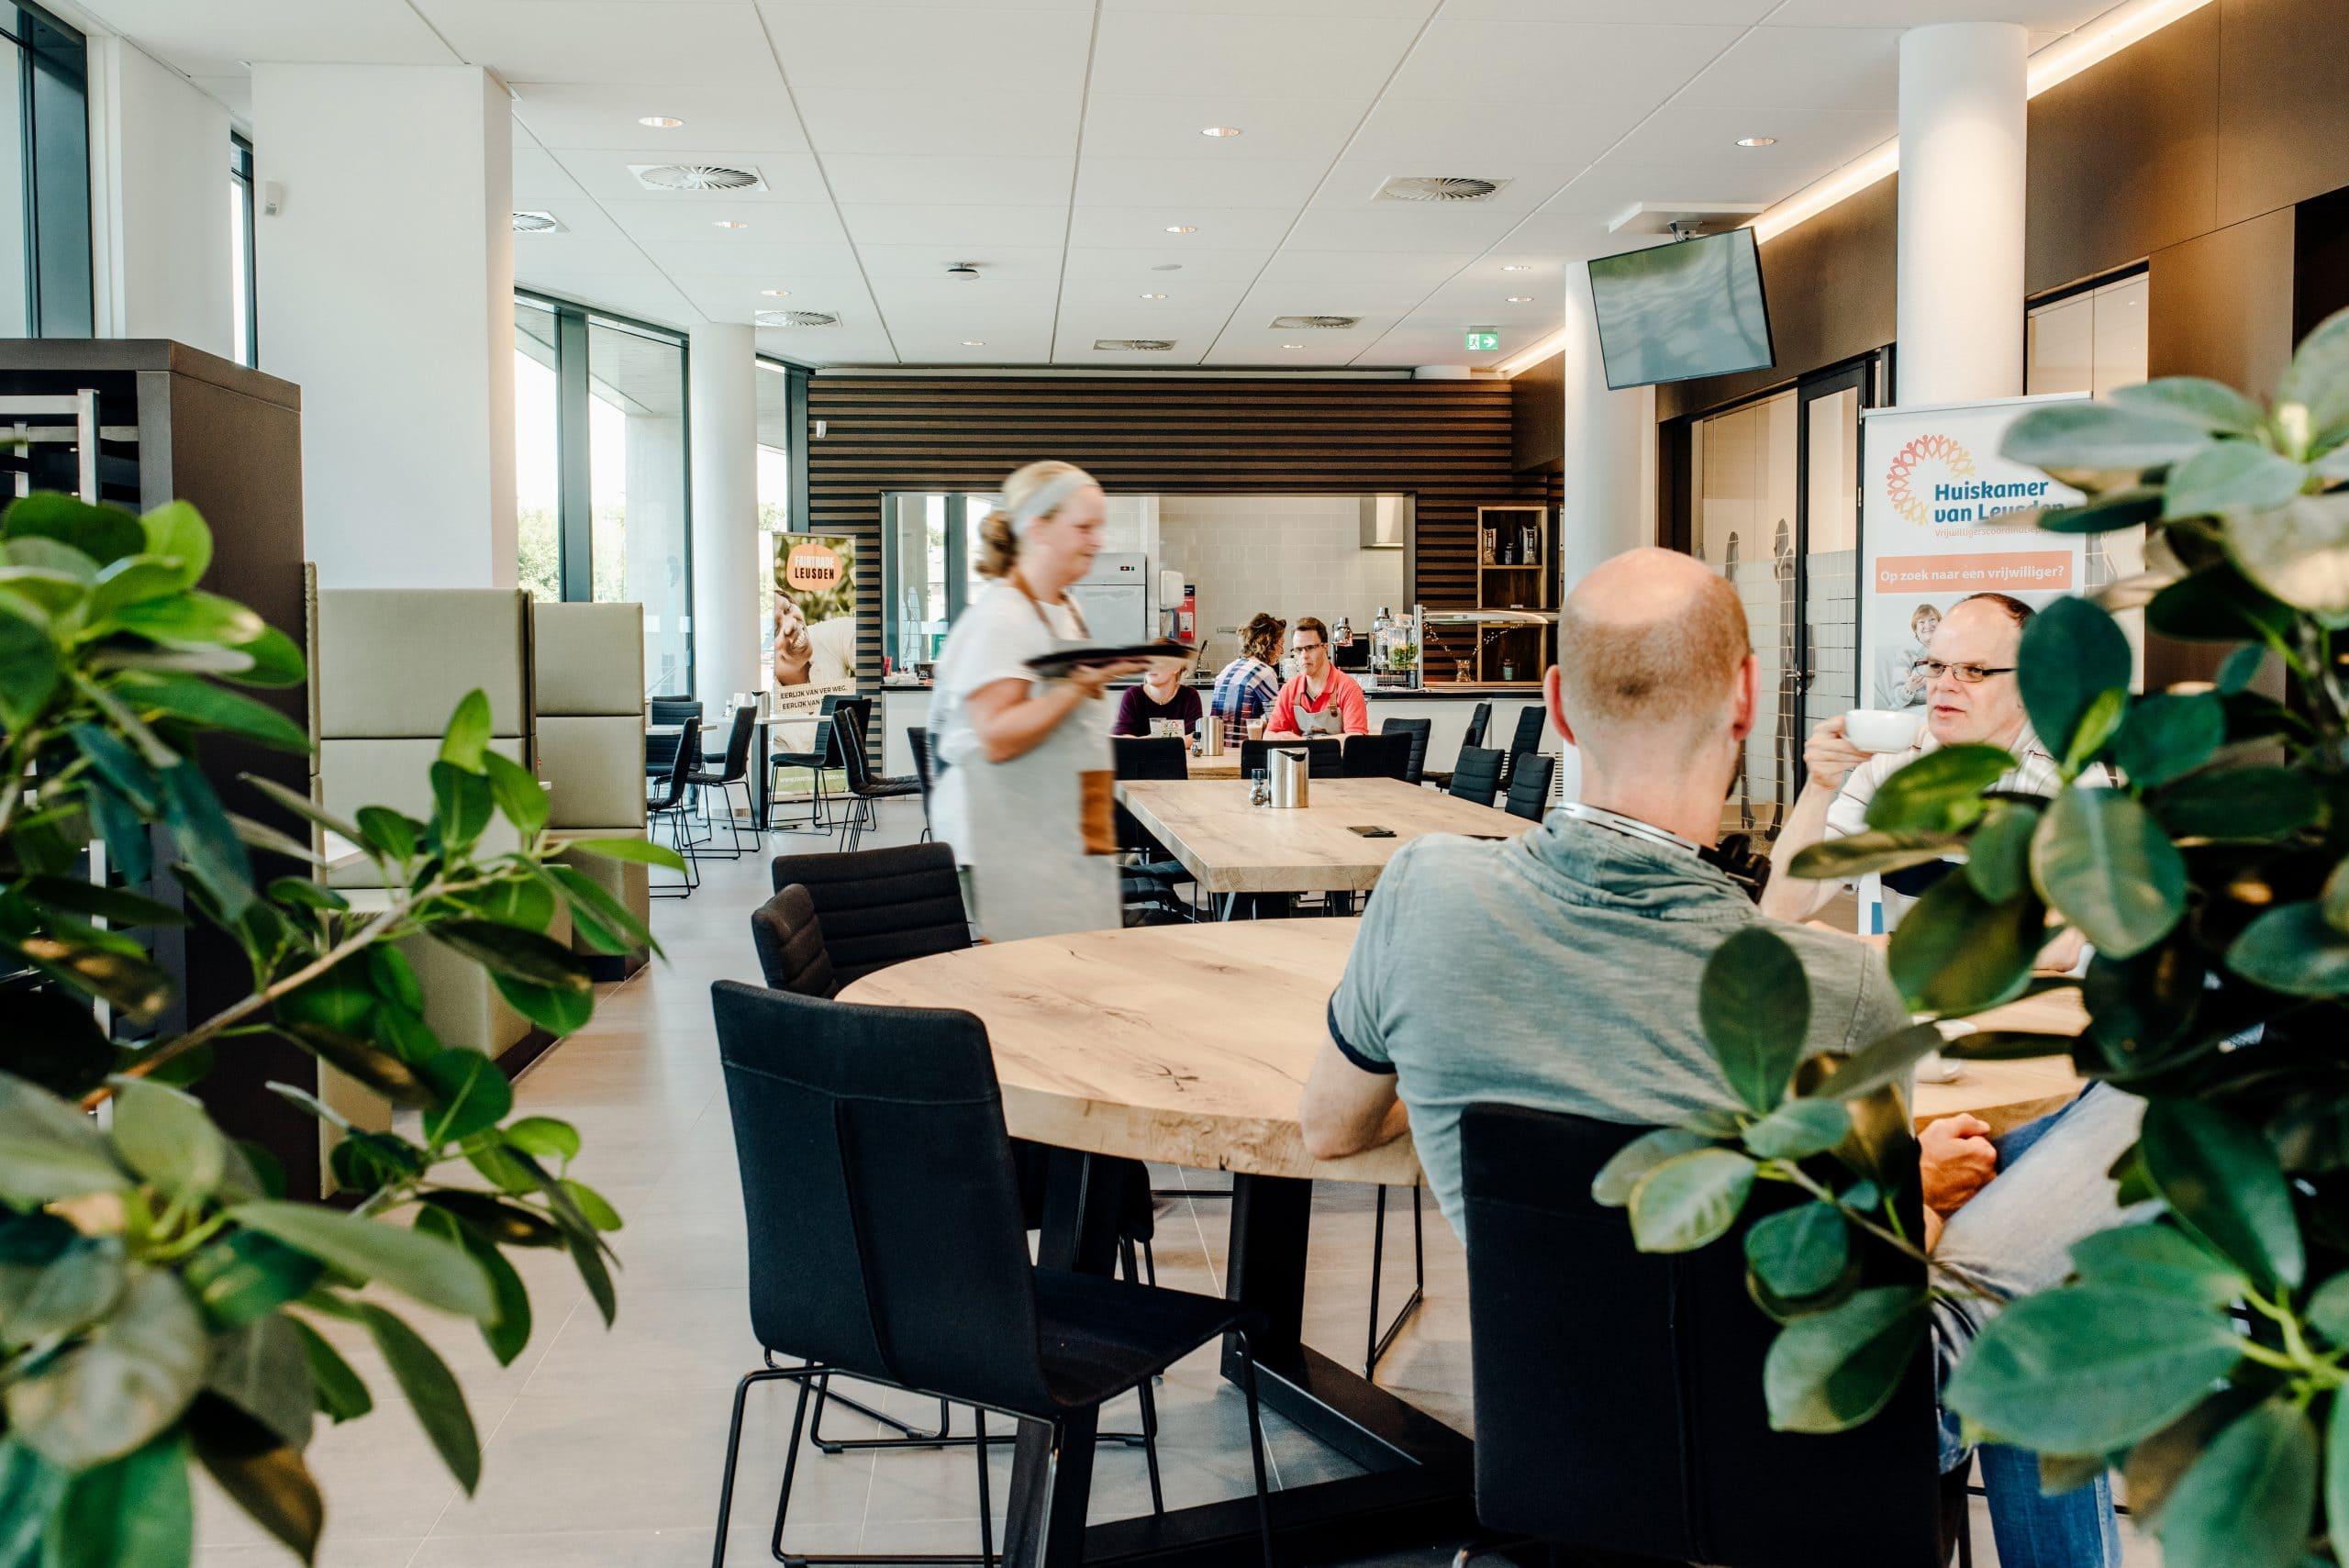 Mensen met een beperking werken in de bediening bij Huis van Leusden, mooi voorbeeld van sociale cohesie!